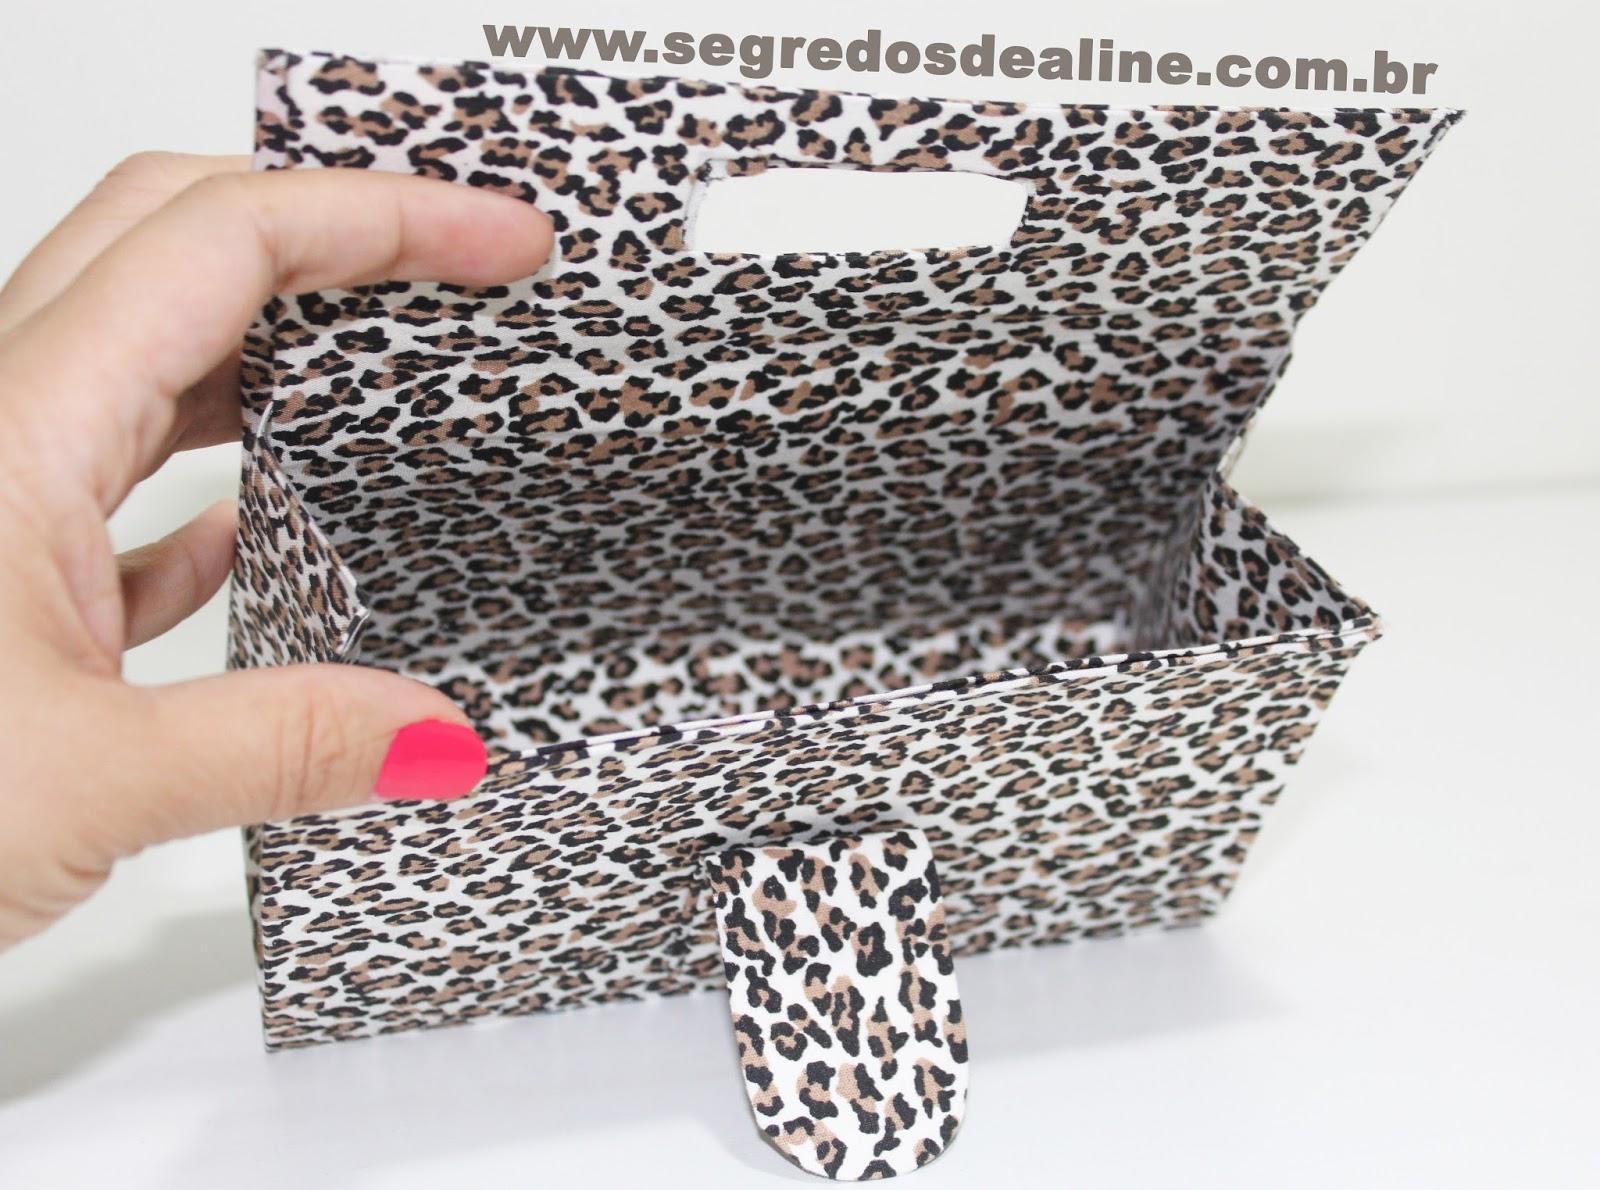 Bolsa Feita Com Caixa De Leite E Tecido : Segredos de aline bolsa caixa leite passo a